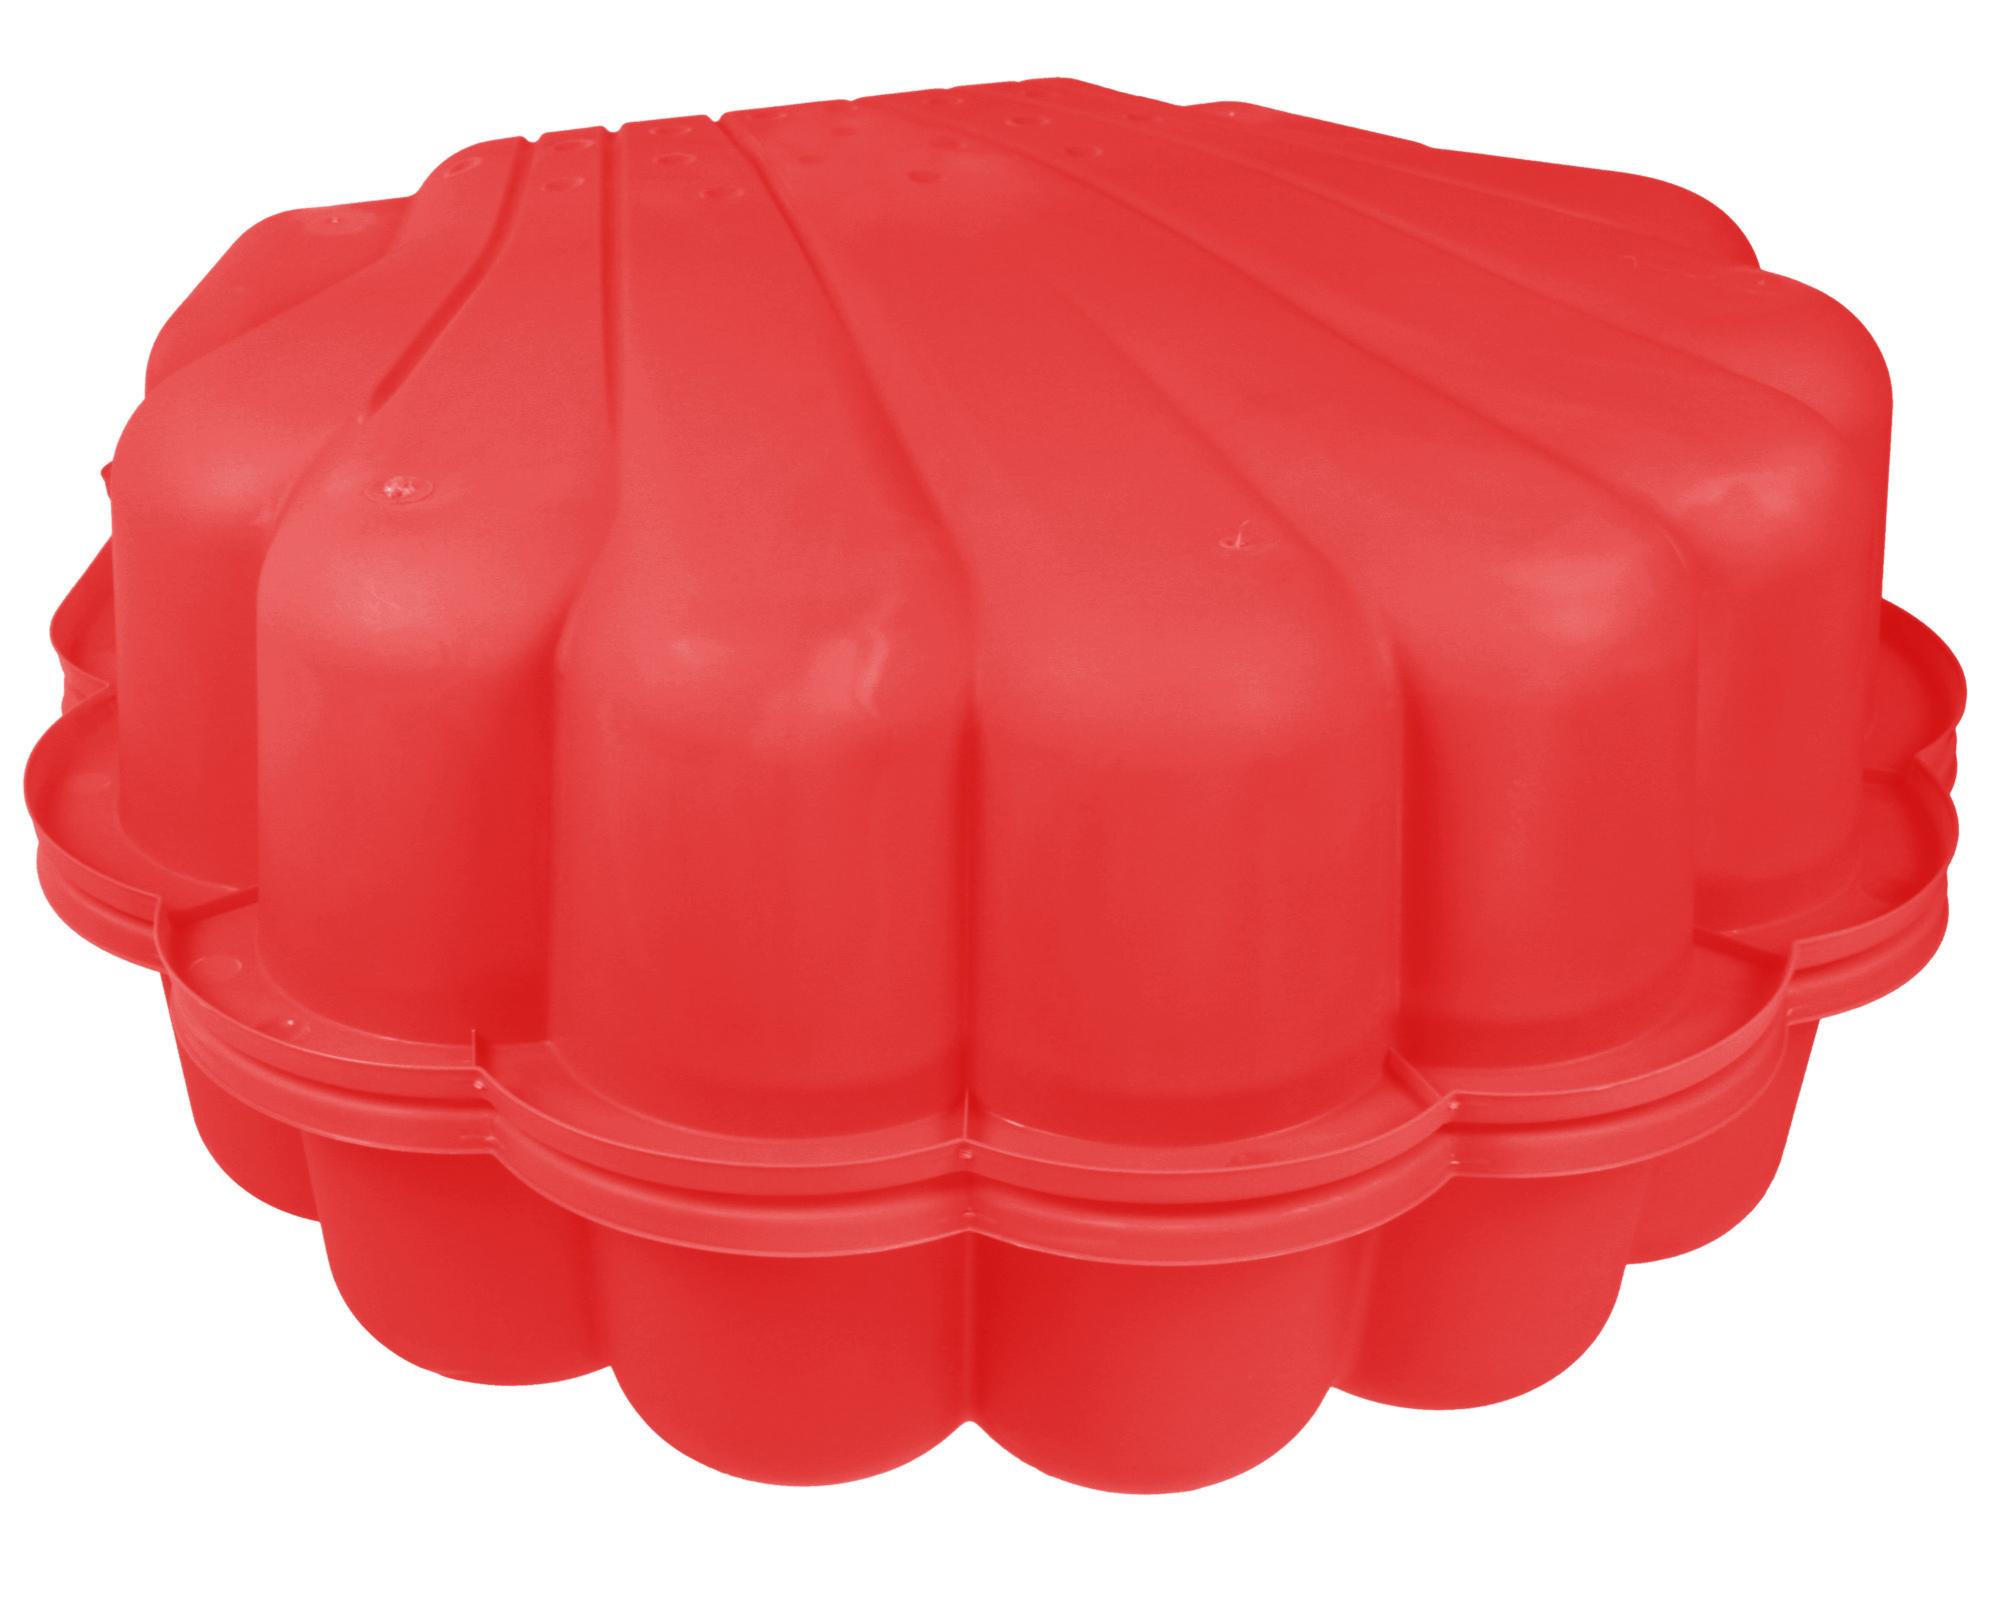 ondis24 sandkasten muschel wassermuschel 87 cm rot g nstig. Black Bedroom Furniture Sets. Home Design Ideas